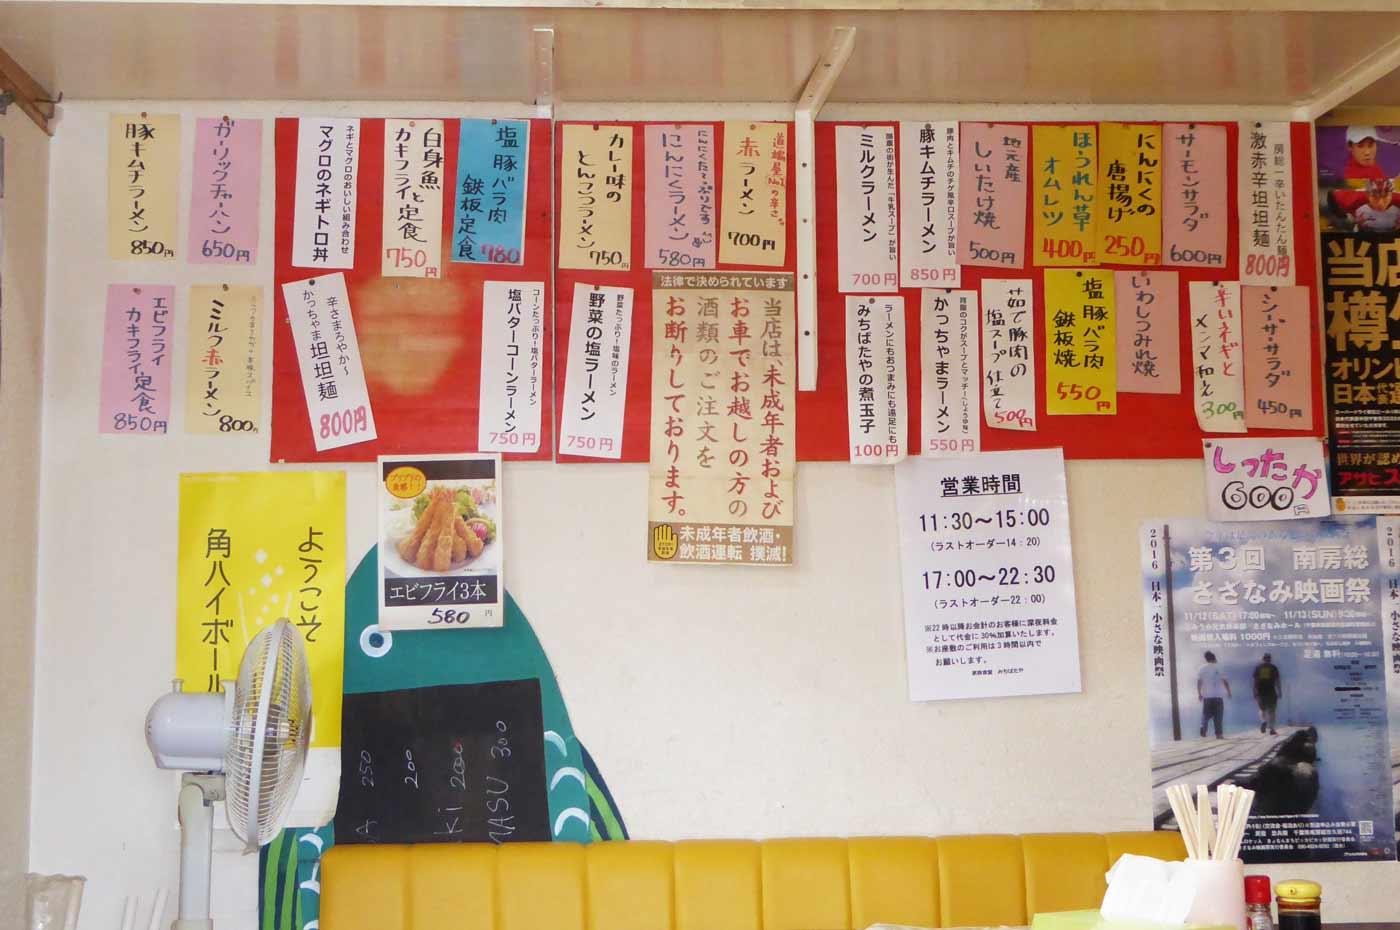 道端屋のメニュー(定食)